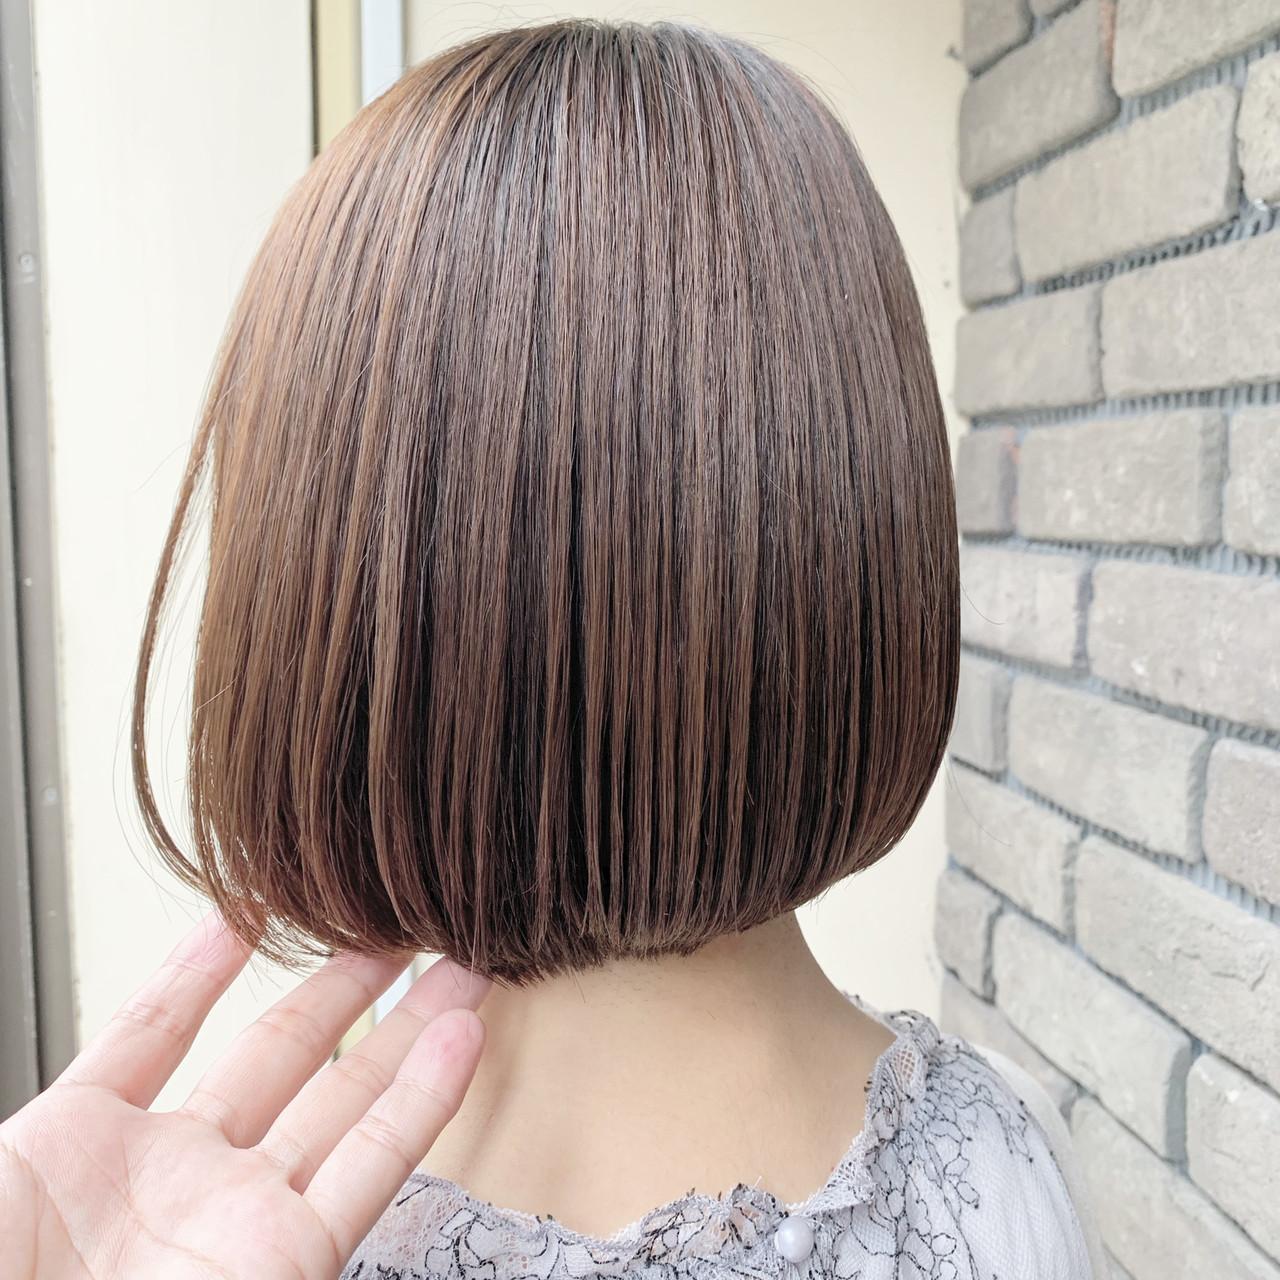 ボブ フェミニン ミニボブ 縮毛矯正 ヘアスタイルや髪型の写真・画像